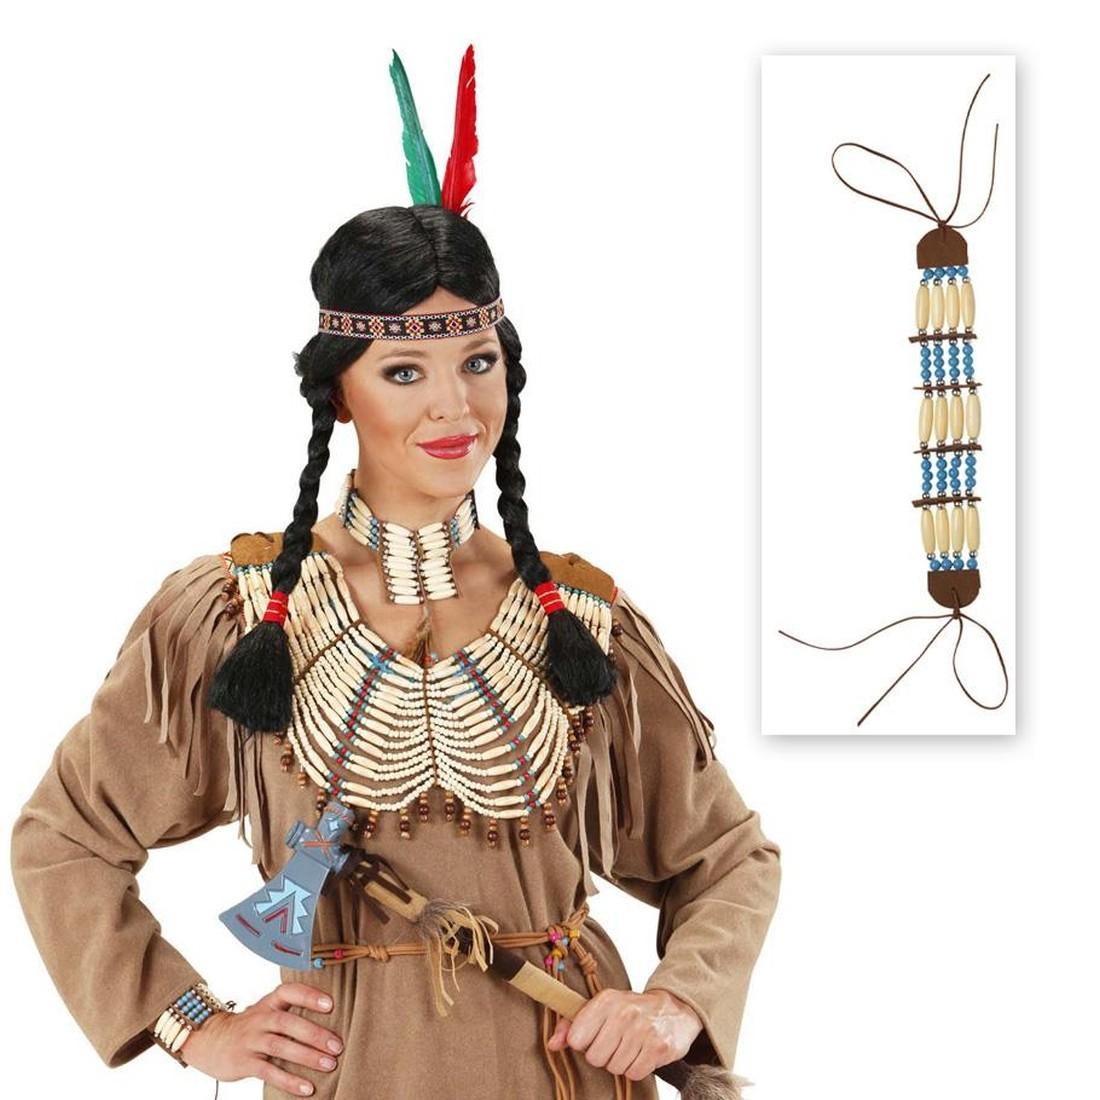 indianer armband schmuck armb nder indianerschmuck 4 99. Black Bedroom Furniture Sets. Home Design Ideas